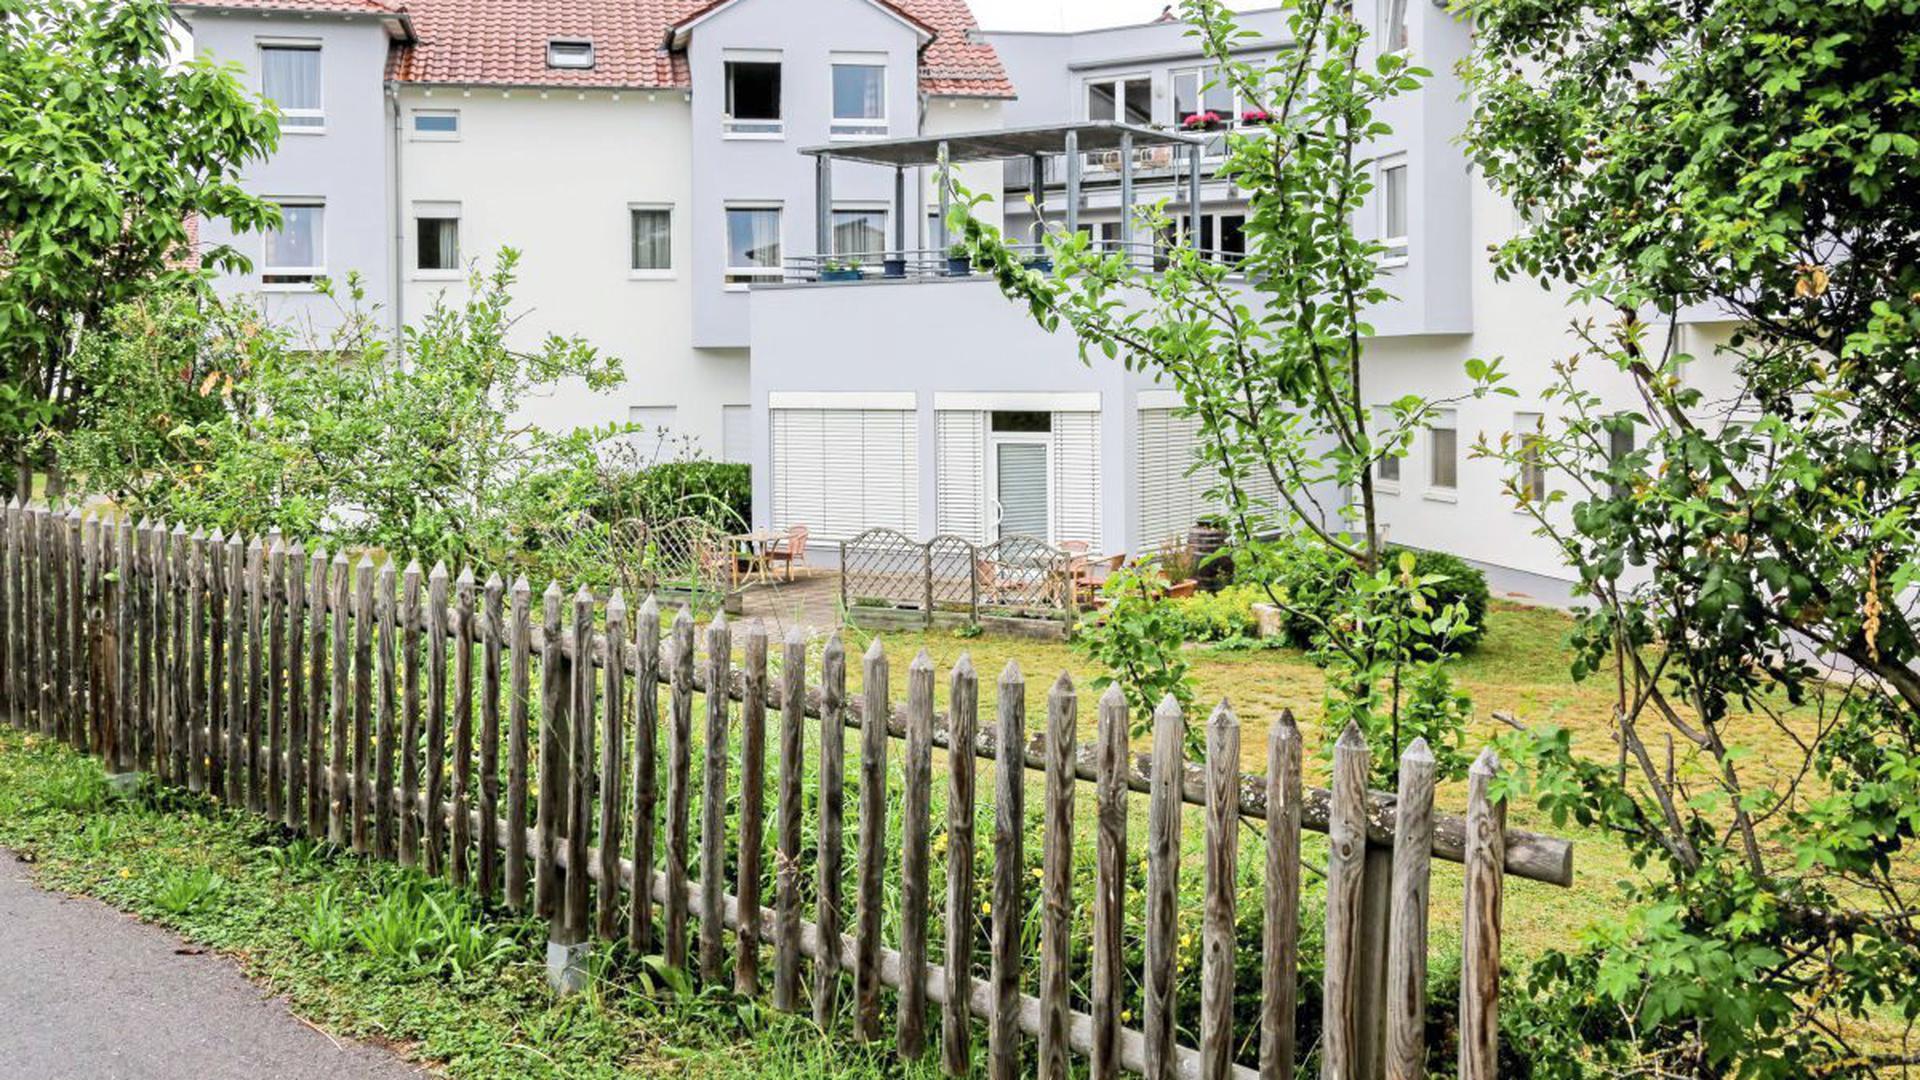 Schöner Garten ungenutzt: Im Oberderdinger Seniorenheim Haus Edelberg herrschen immer noch restriktive Besuchsregelungen.